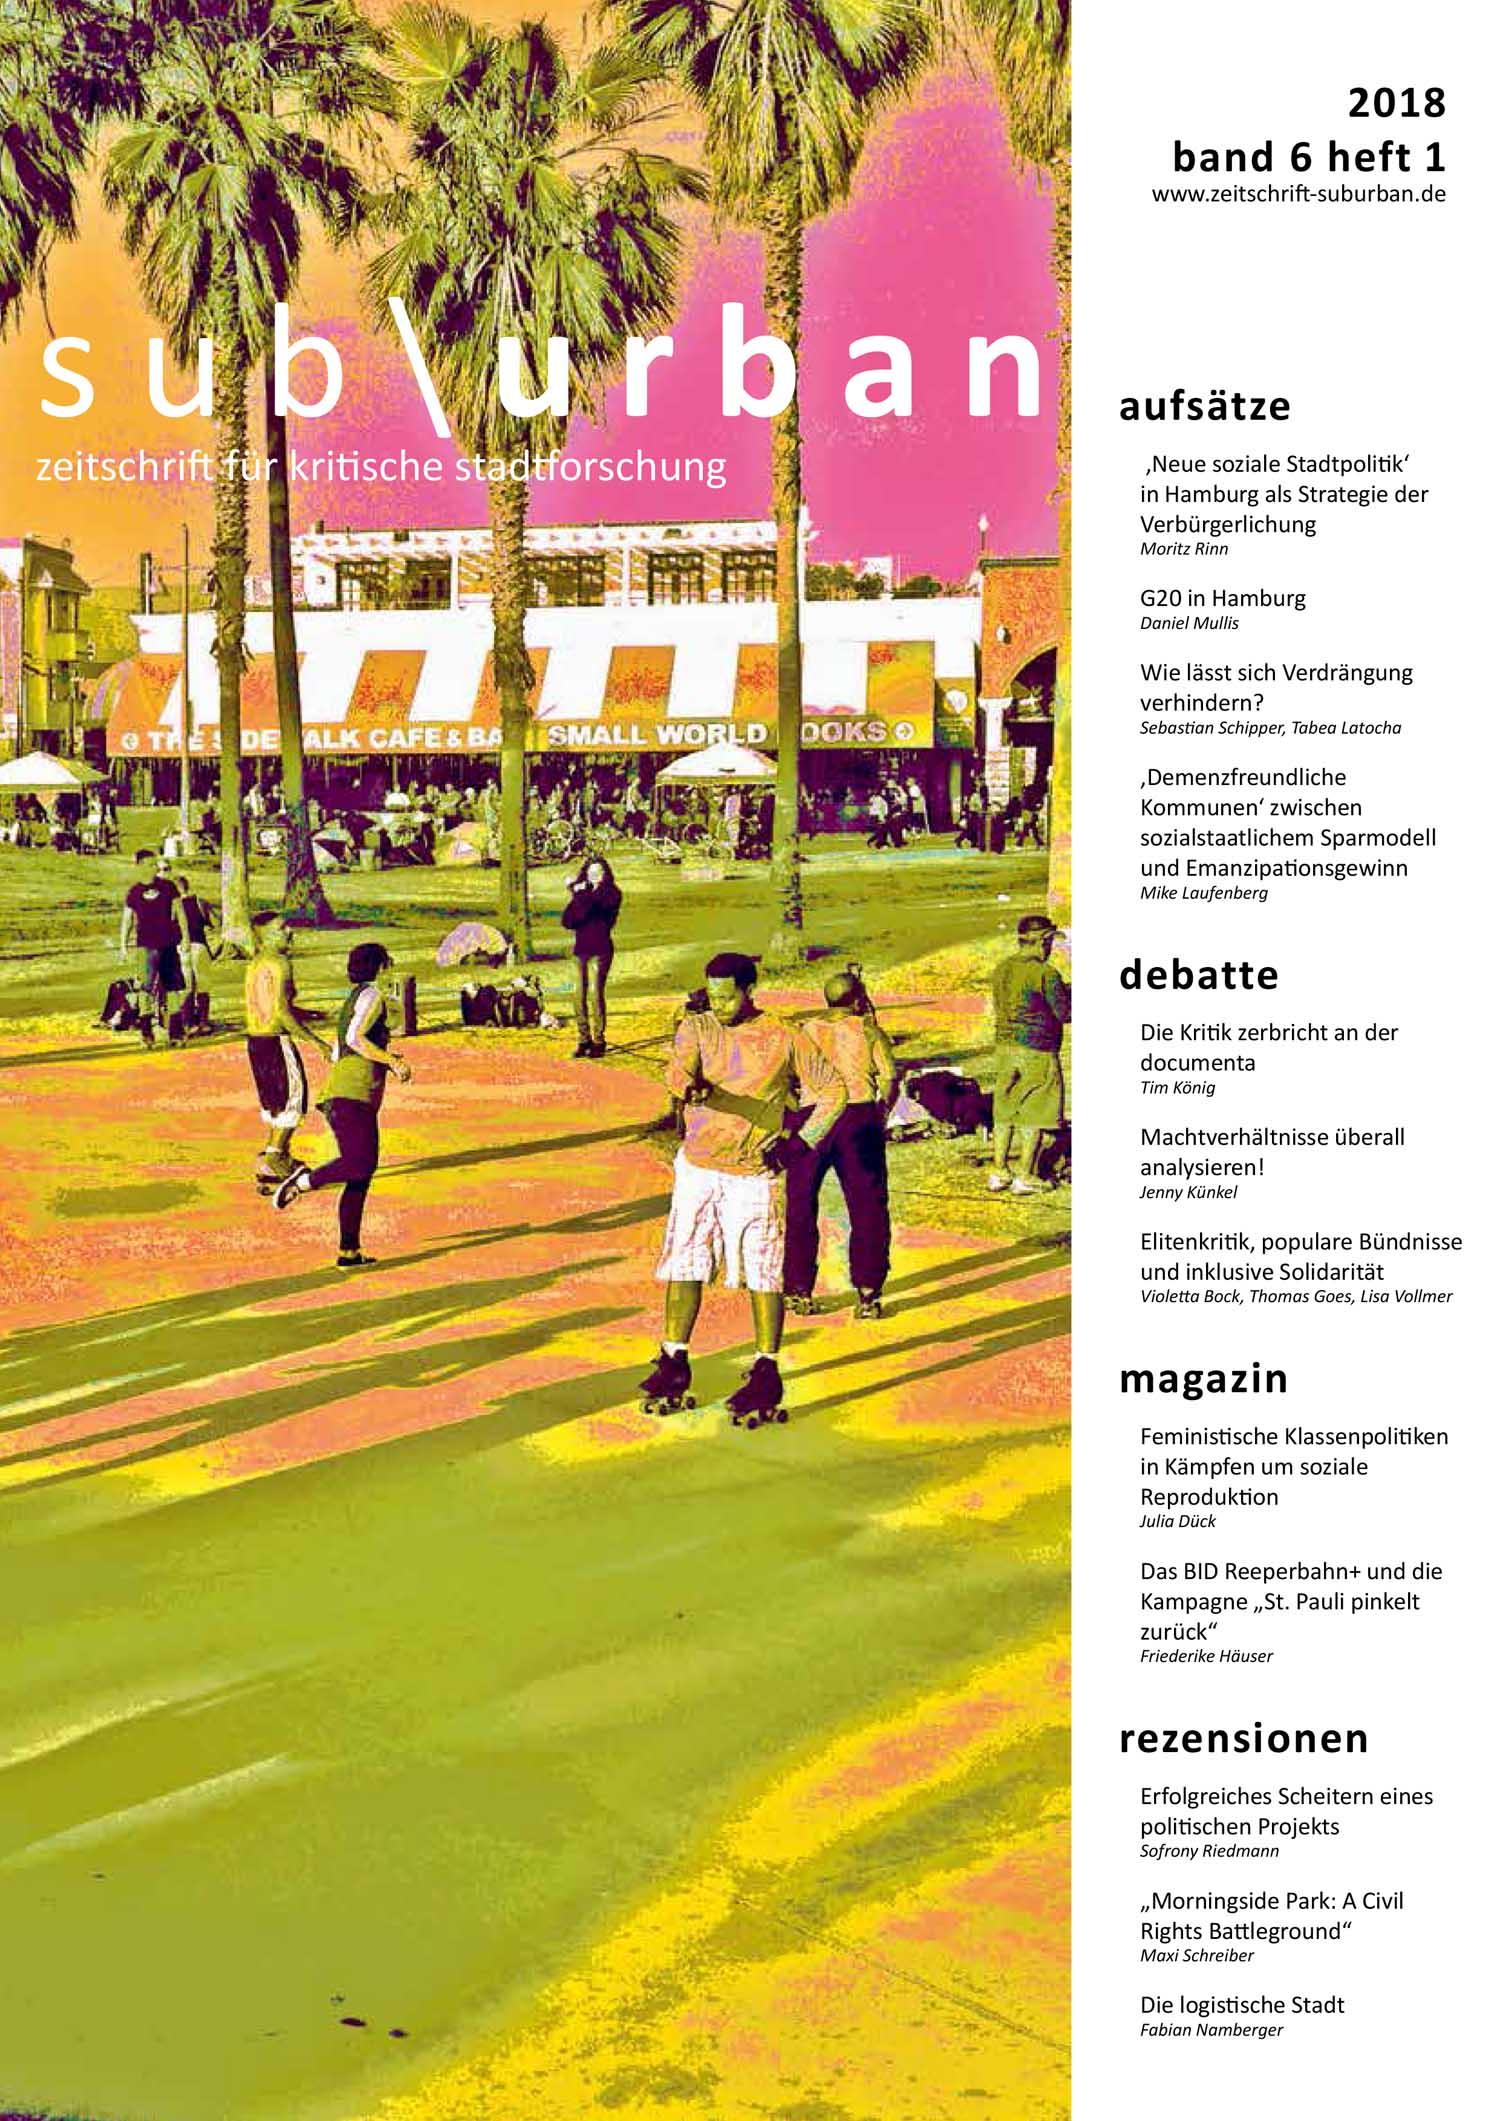 Archiv   sub\\urban. zeitschrift für kritische stadtforschung